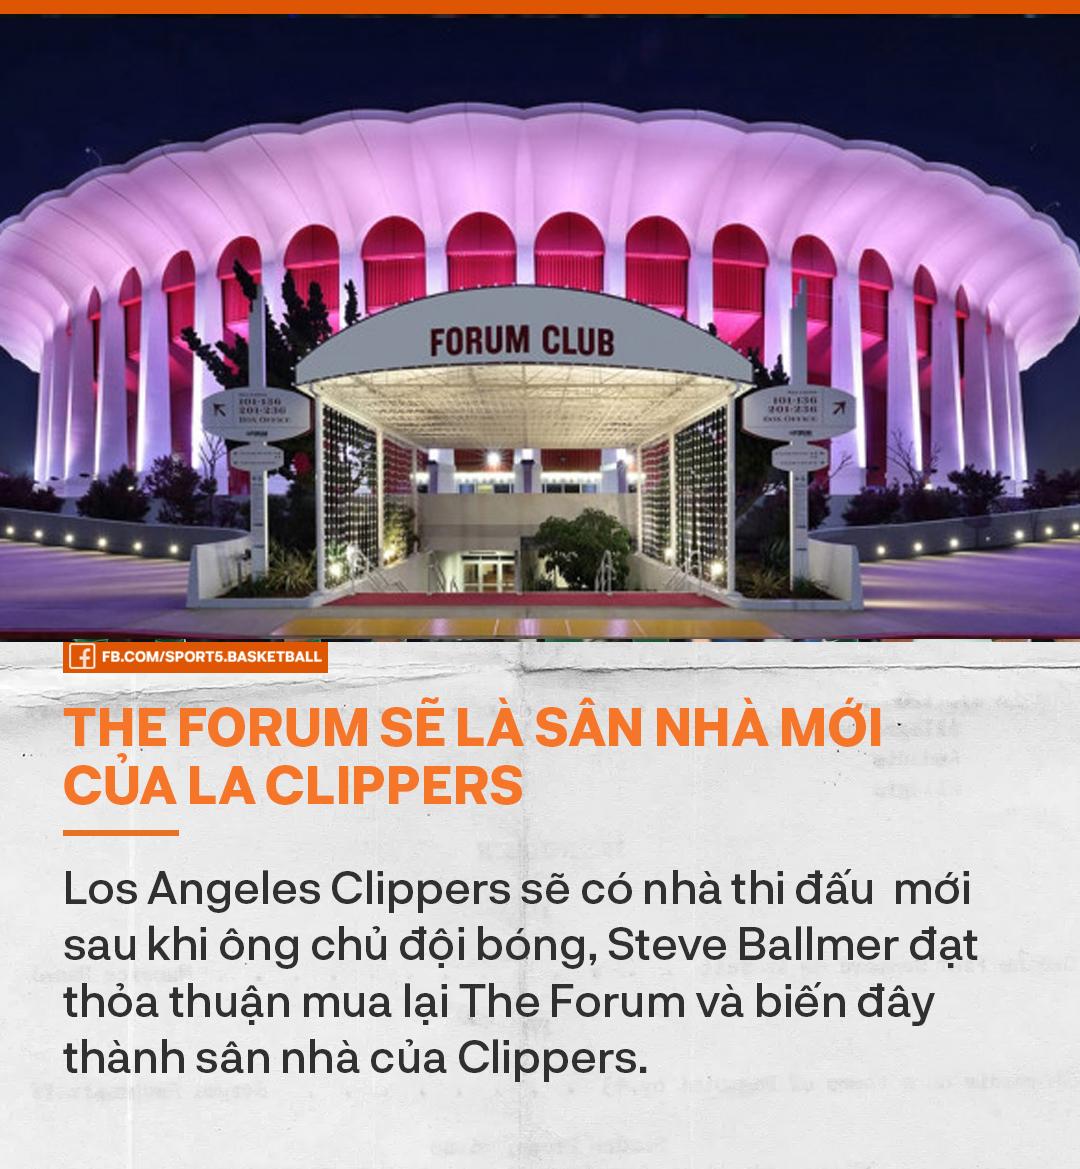 Bỏ 400 triệu USD mua sân mới, Los Angeles Clippers quyết tạo đế chế của riêng mình - Ảnh 1.